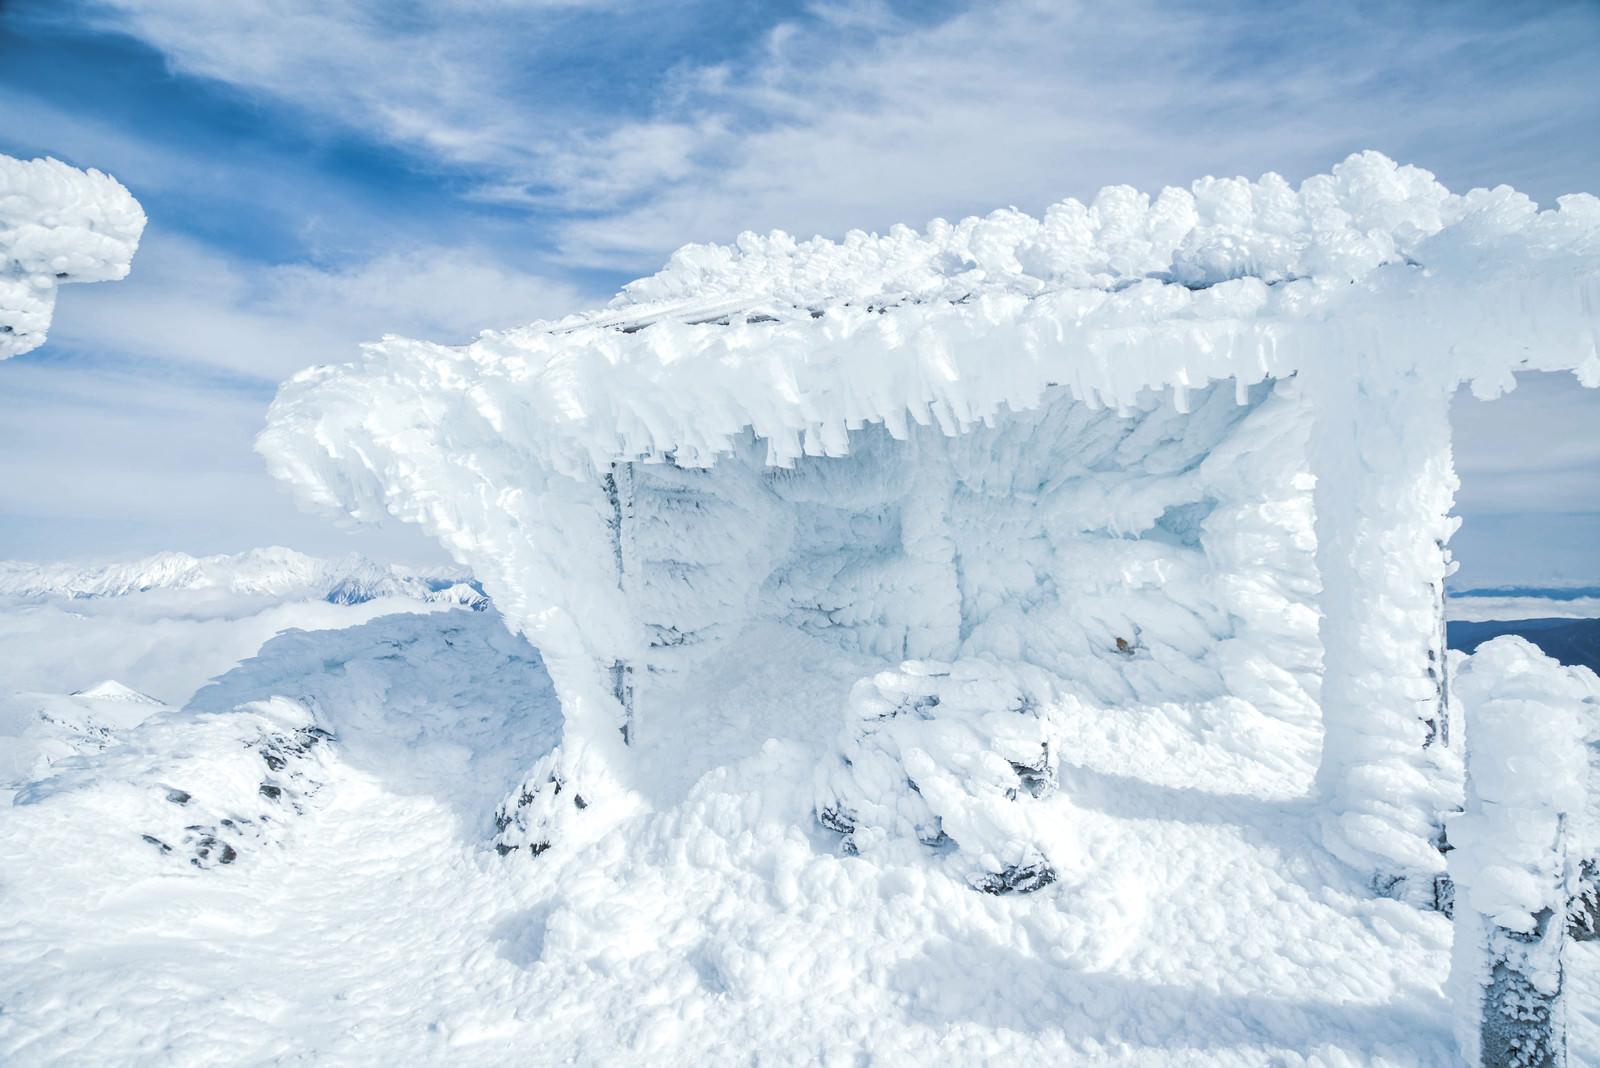 「厳冬期の乗鞍岳剣ヶ峰に佇む御社」の写真